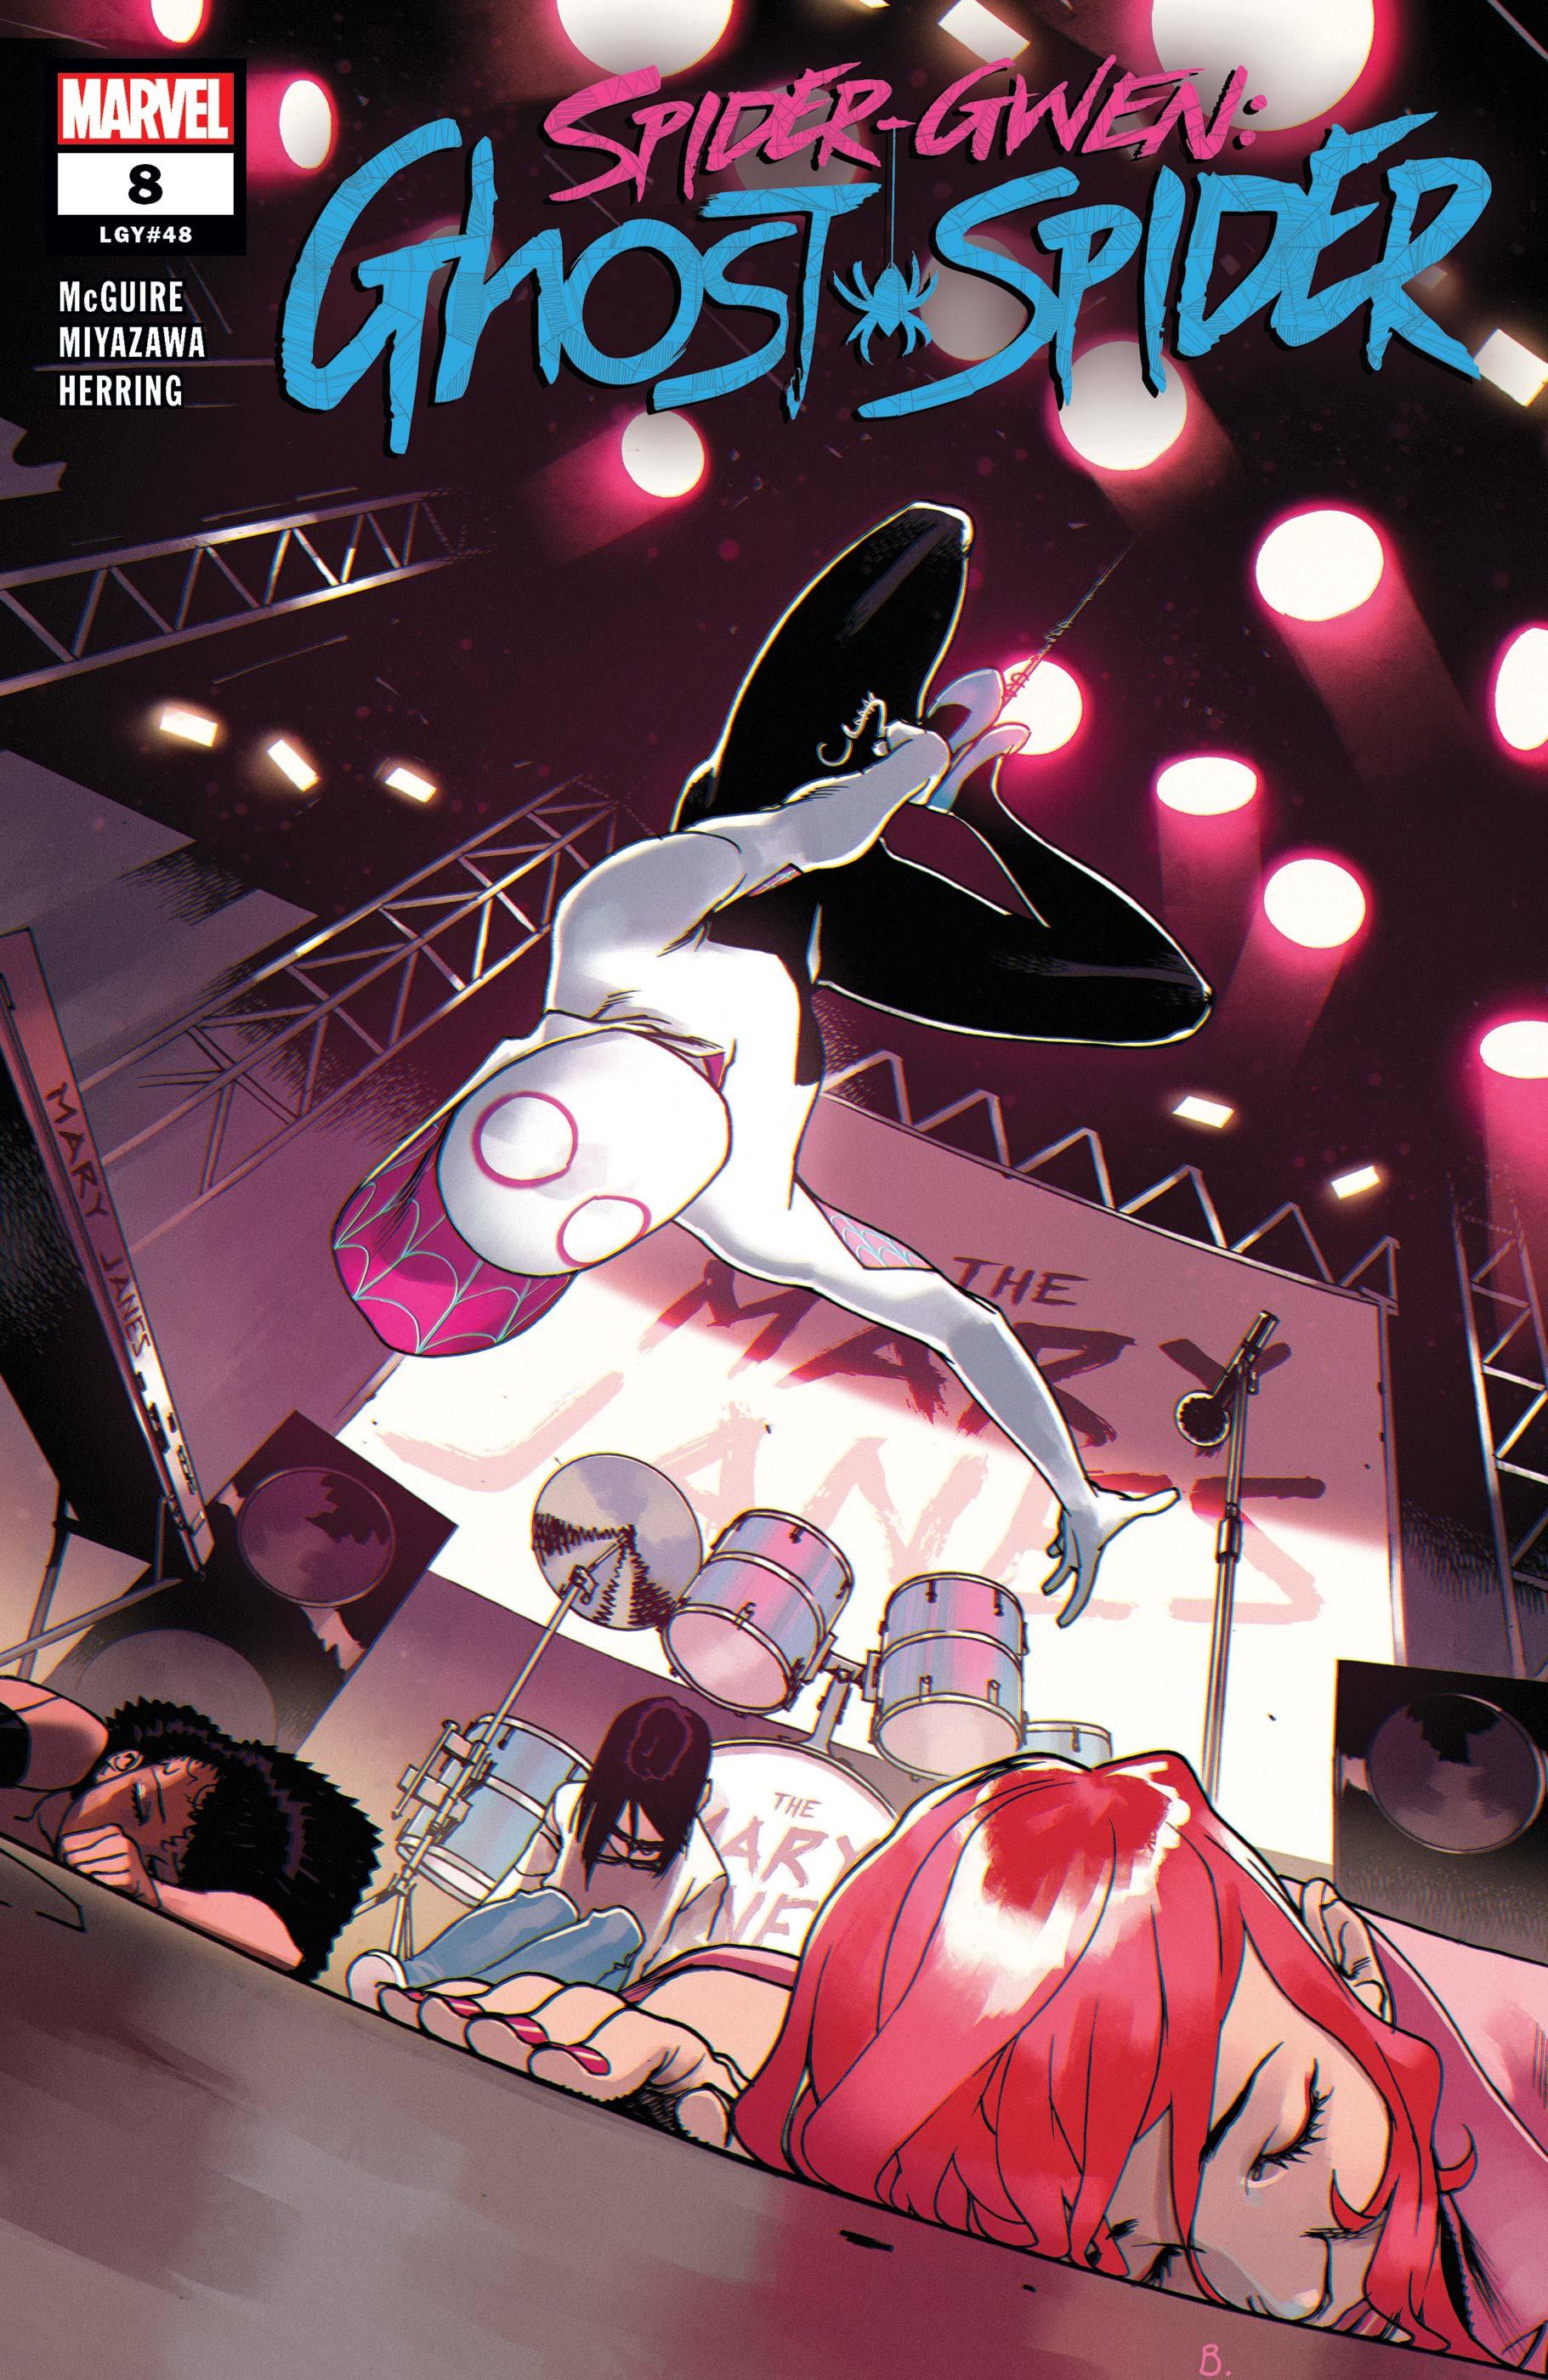 Spider-Gwen: Ghost-Spider (2018) #8